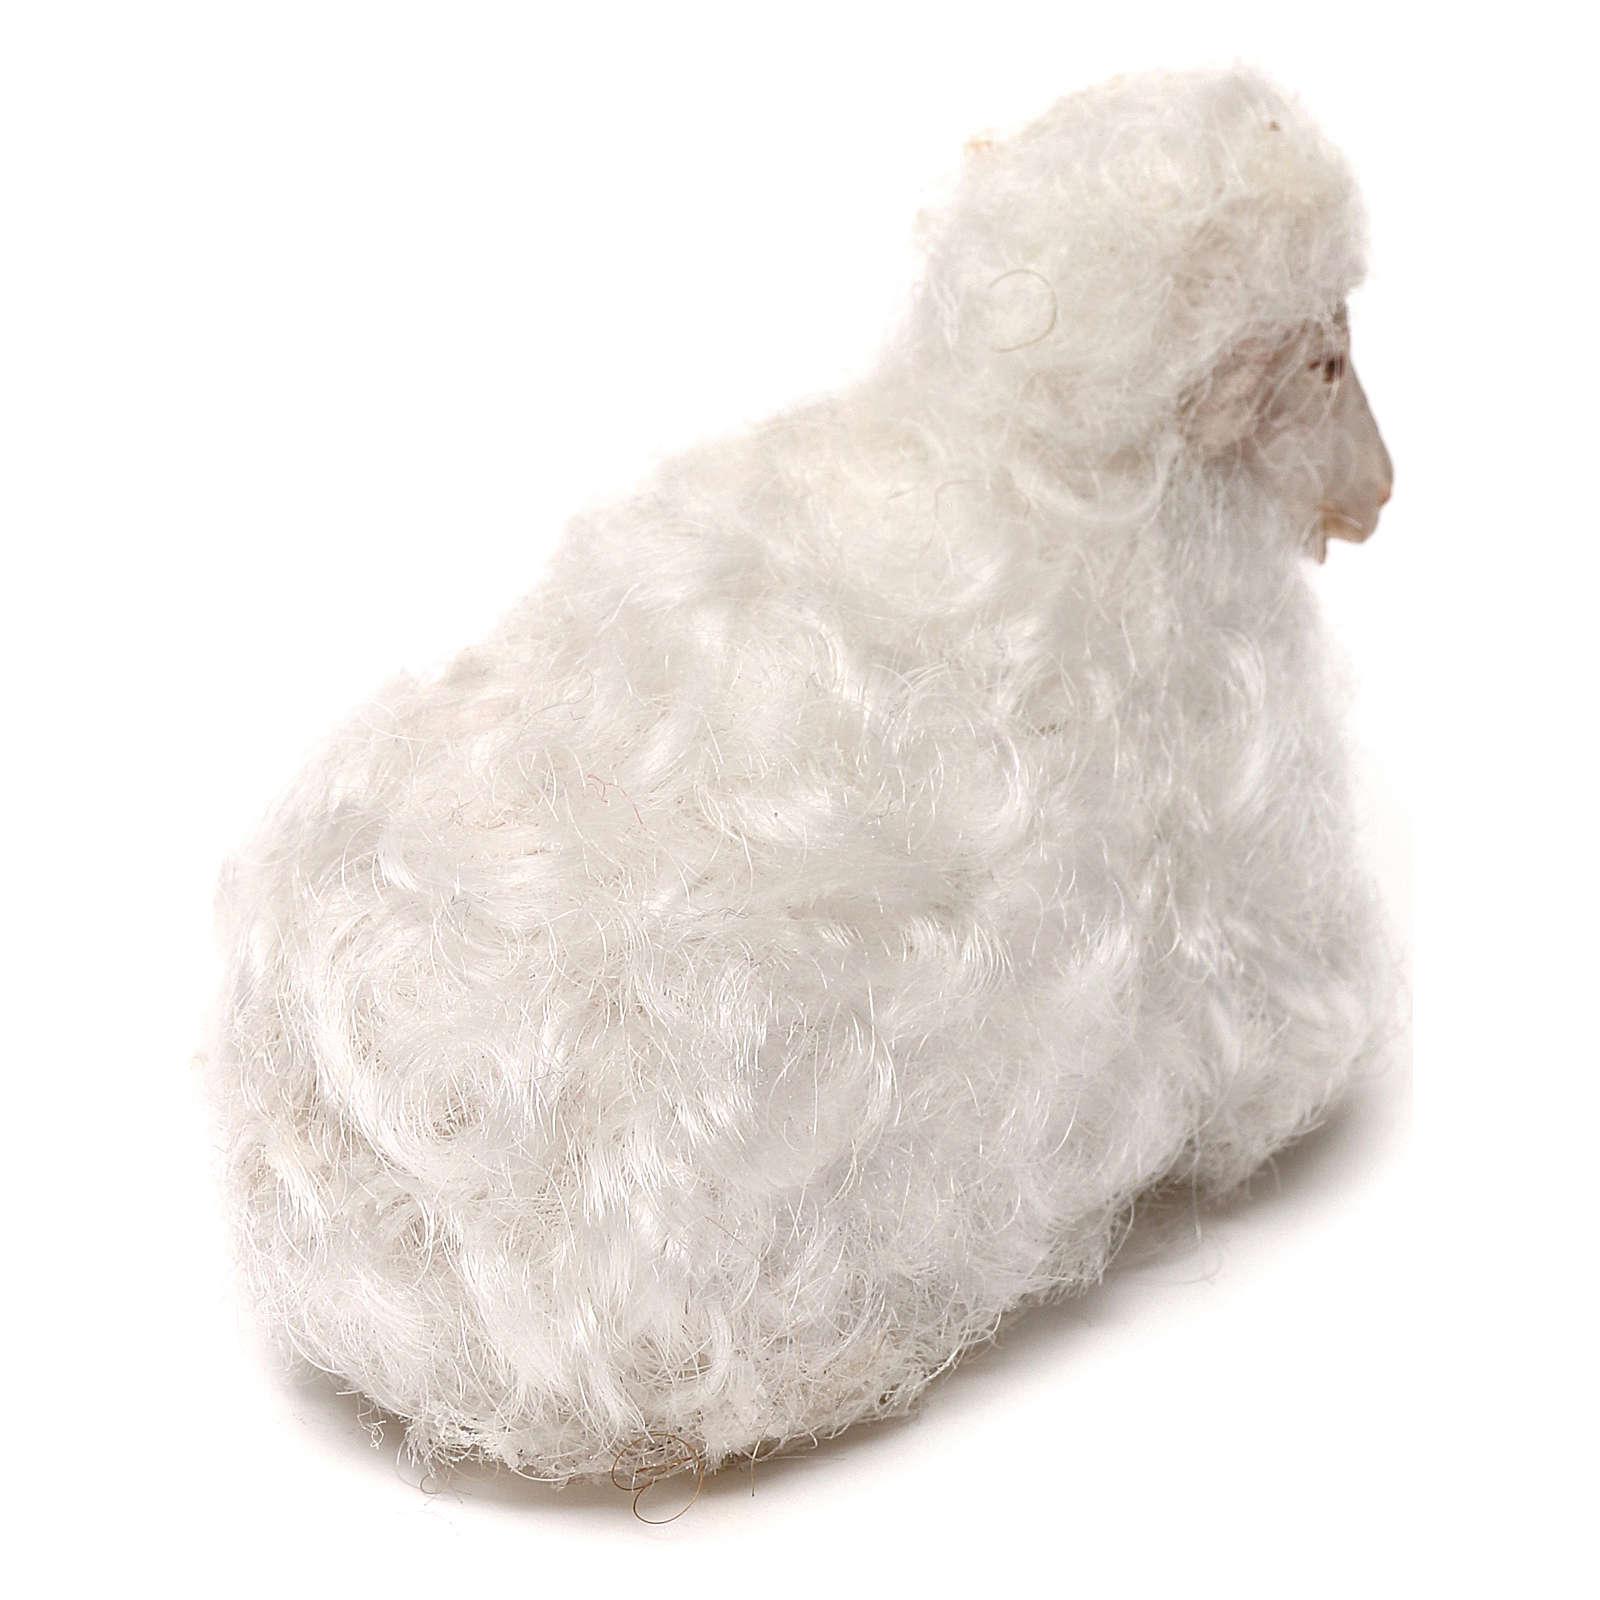 STOCK Oveja lana blanca belén napolitano 14 cm 4